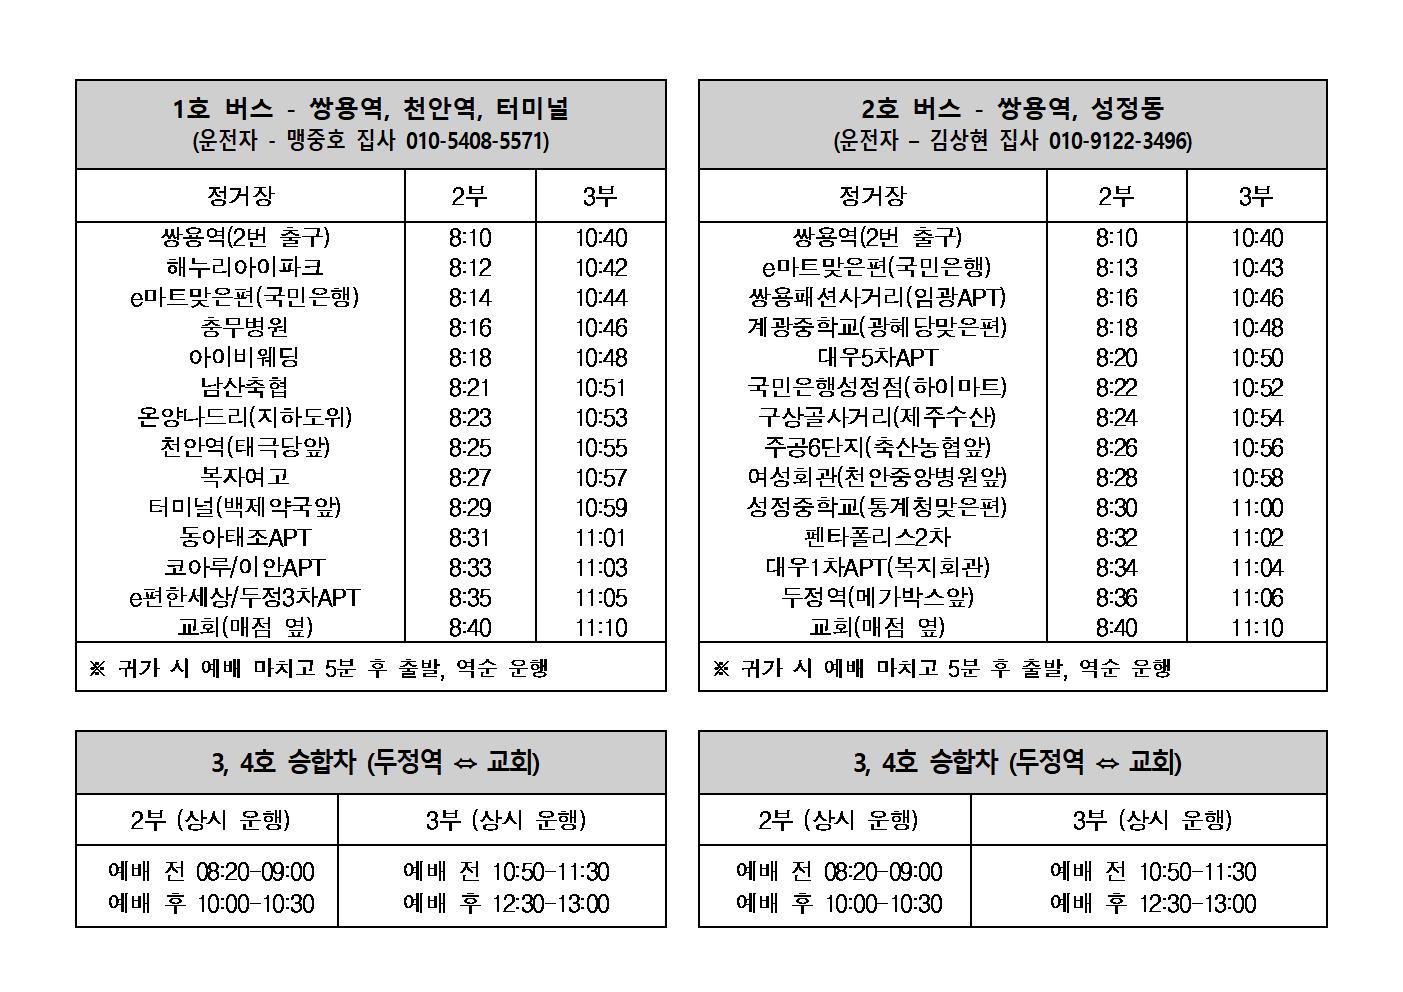 버스 노선 및 운행 시간표001.png